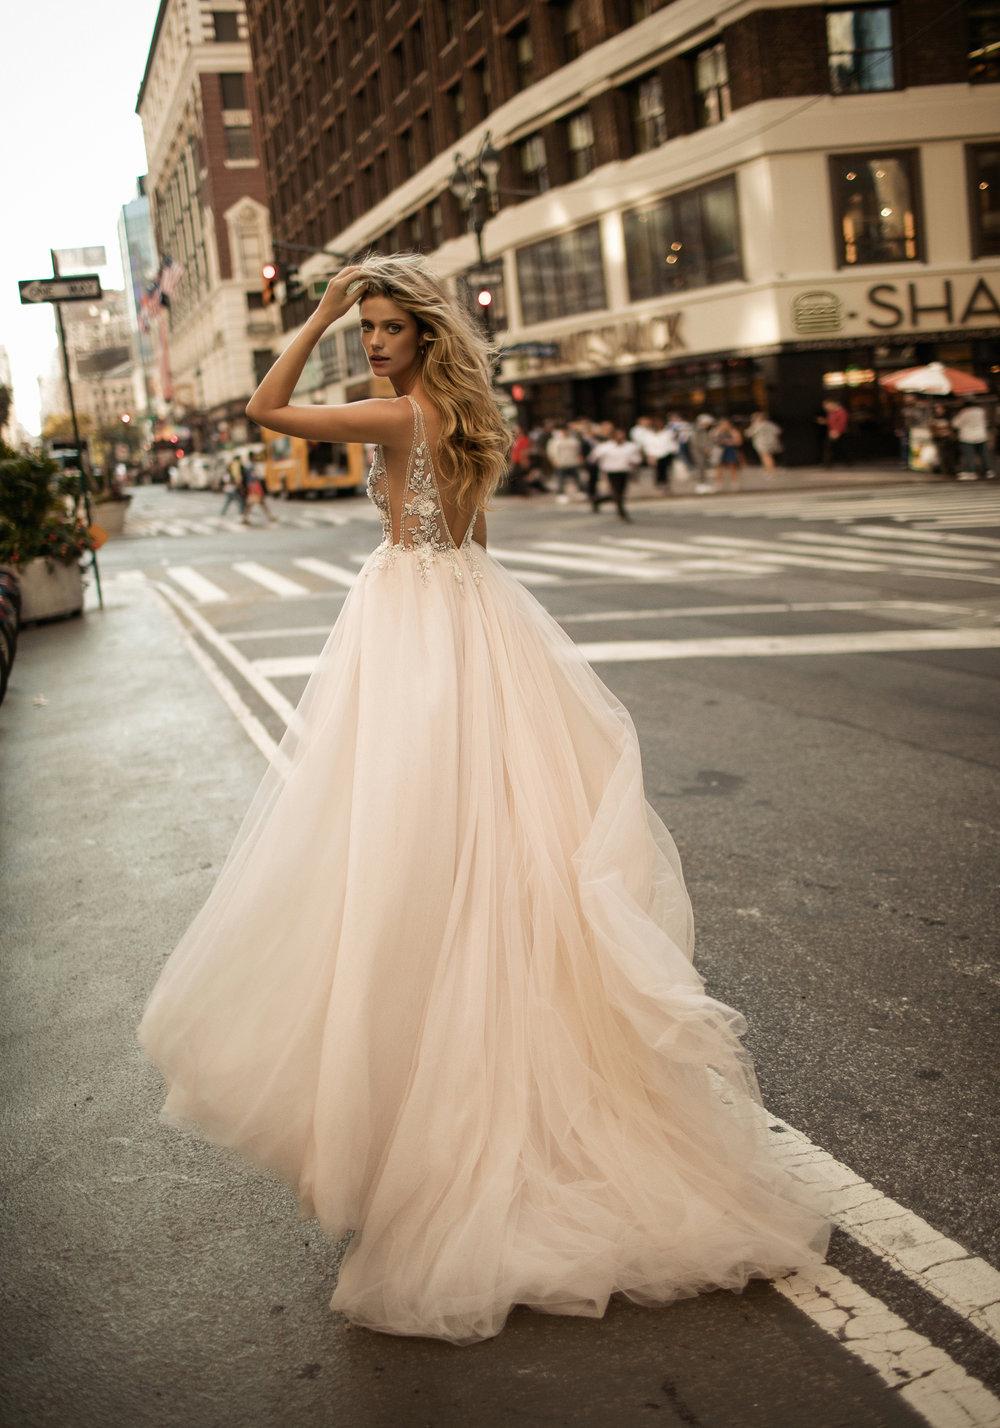 20 Questions with Bridal Designer Berta — The Bridal Council